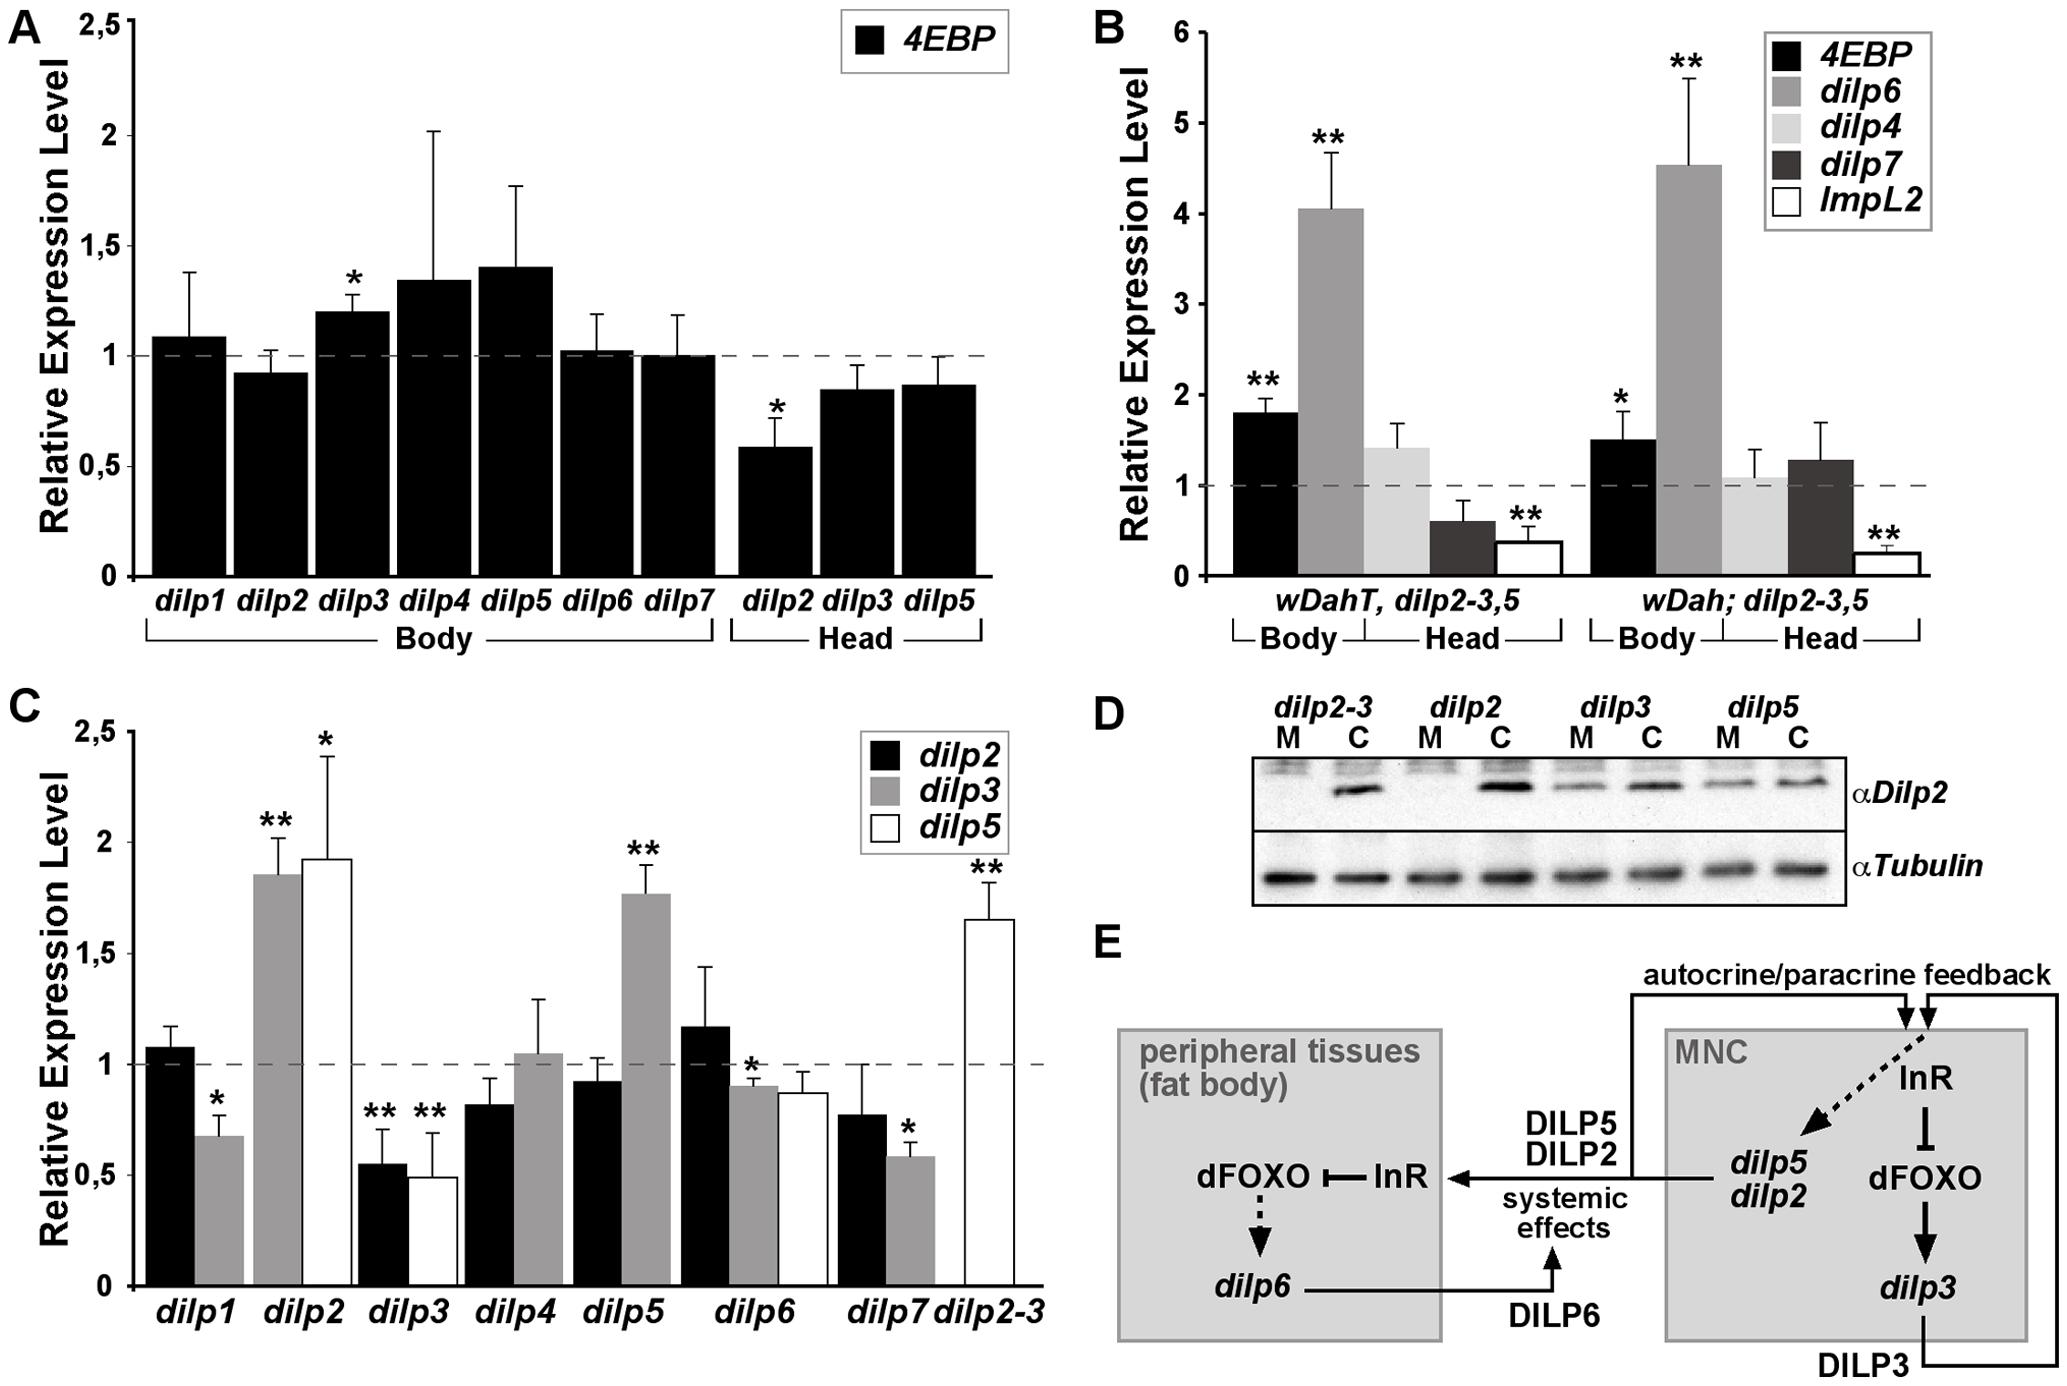 Compensatory regulation of gene expression in <i>dilp</i> mutants.